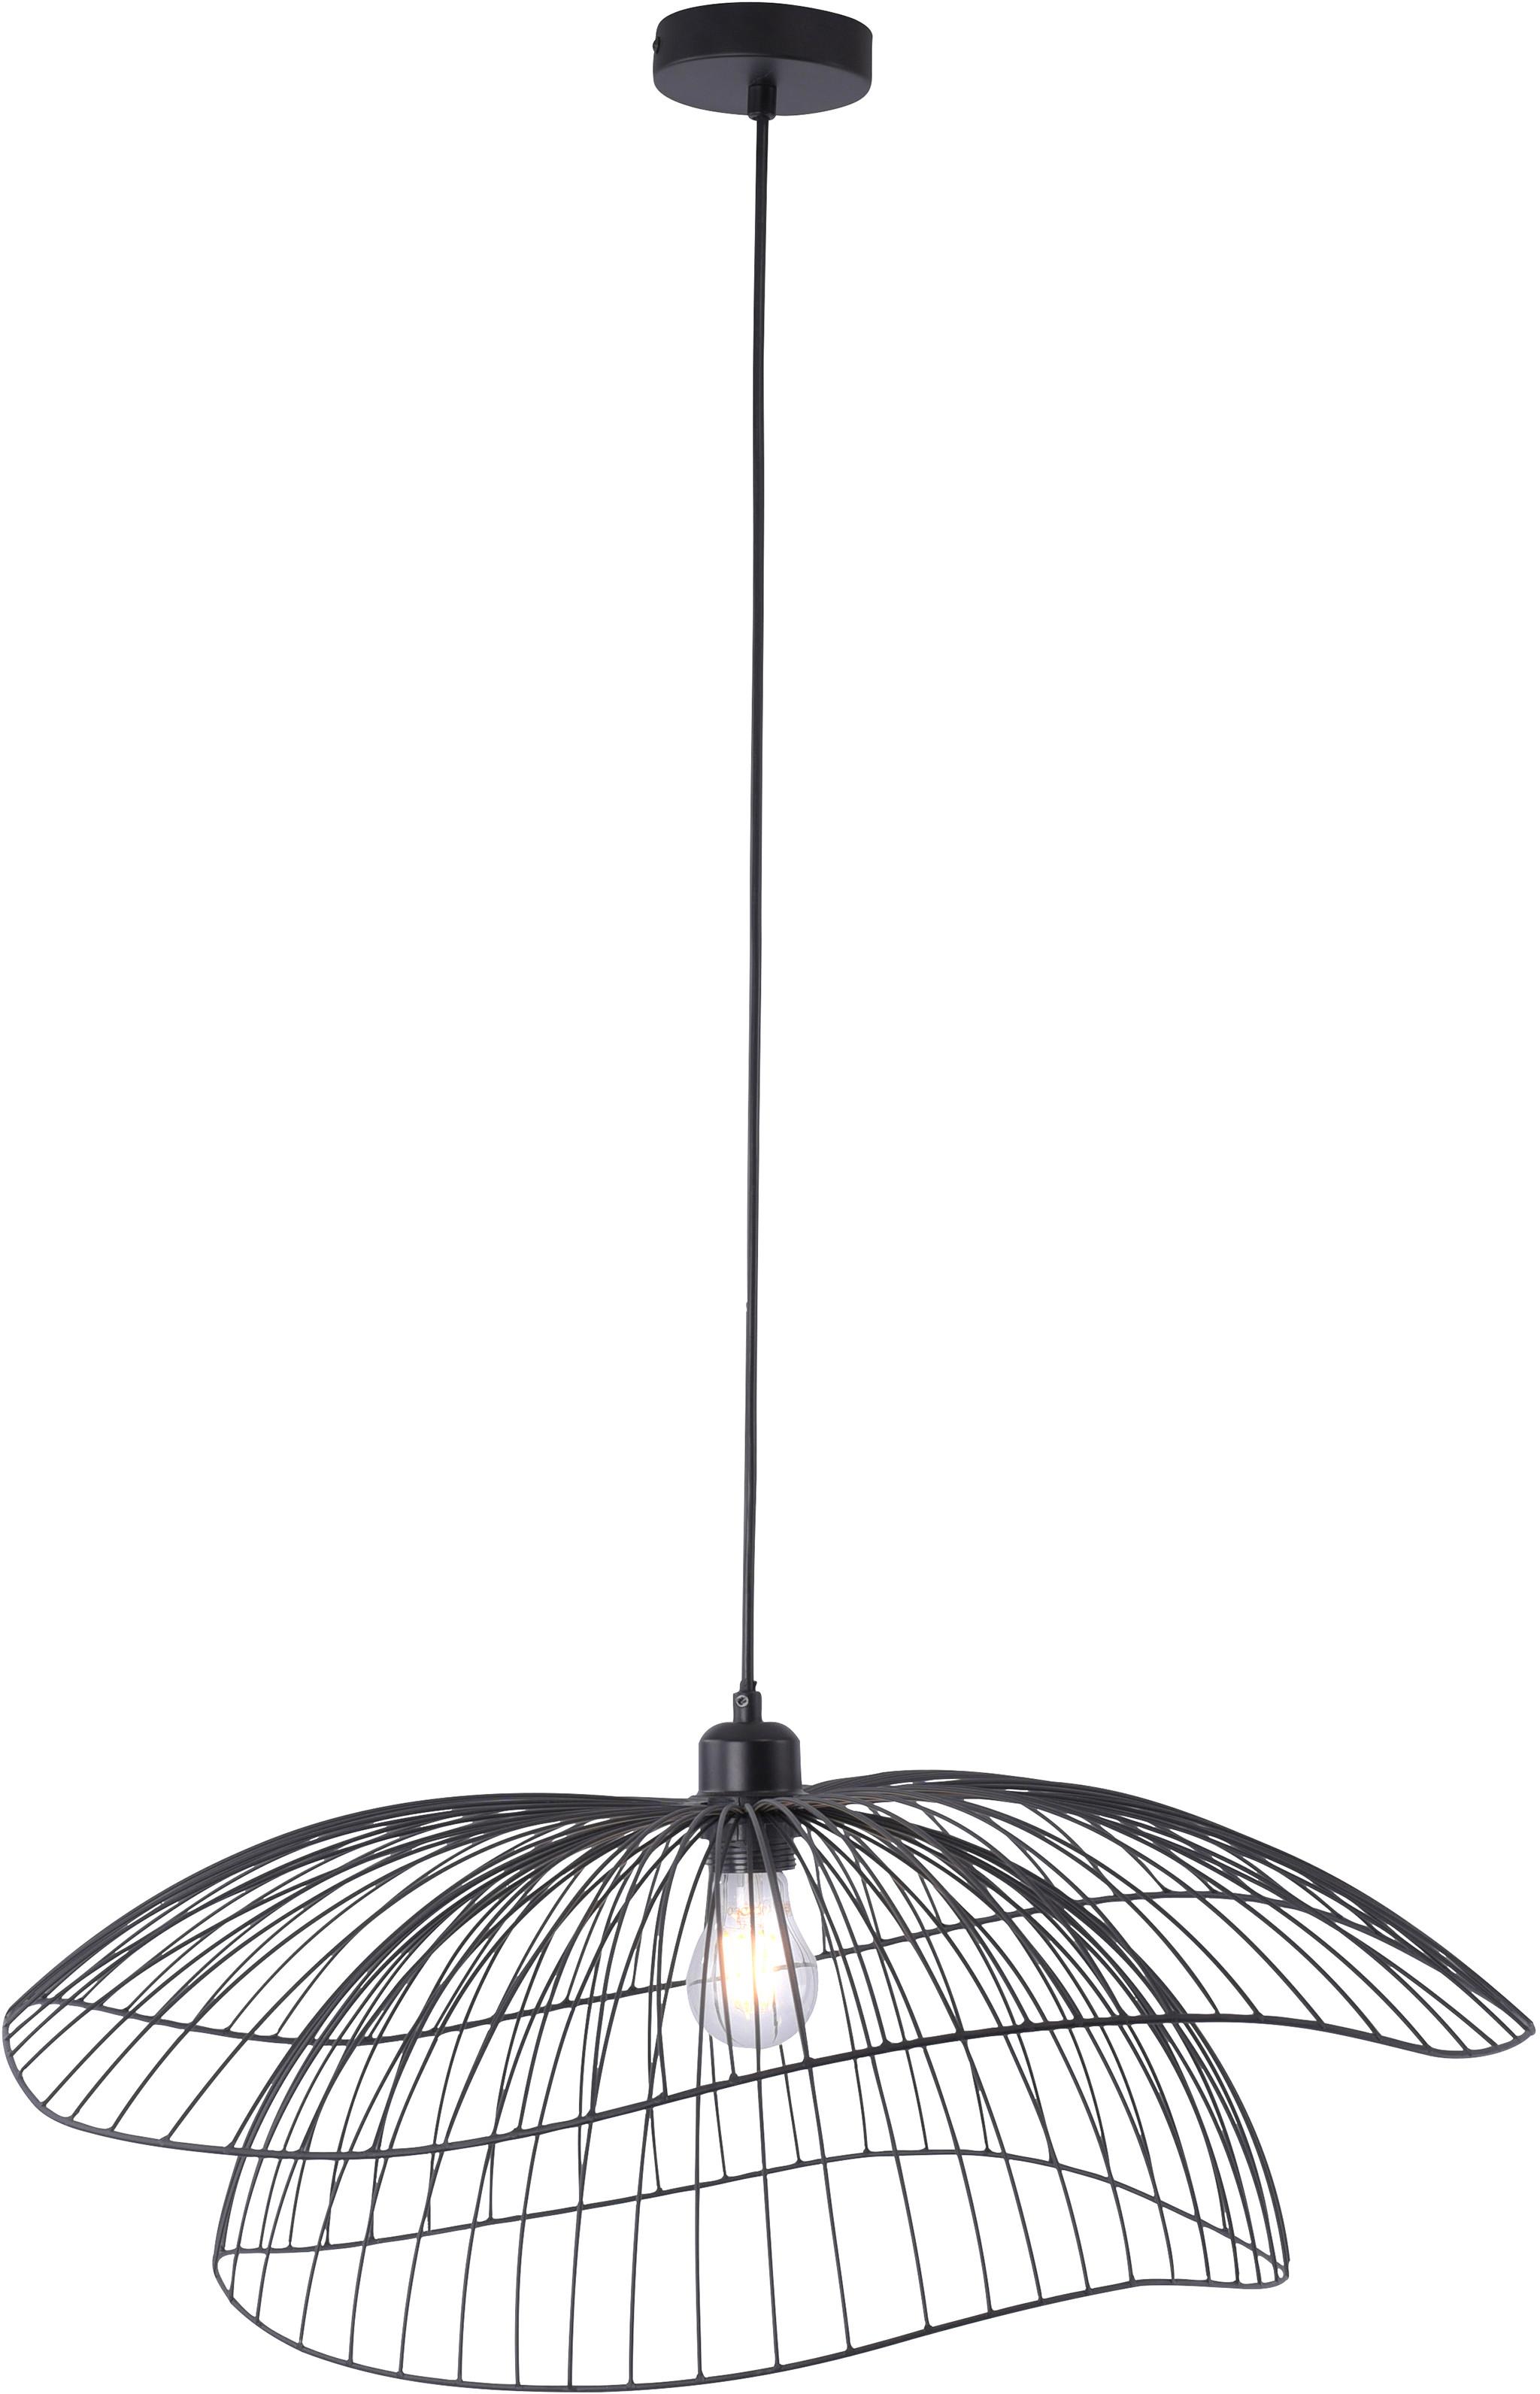 Leuchten Direct Designowa lampa wisząca czarna 66 cm - Pua 99000